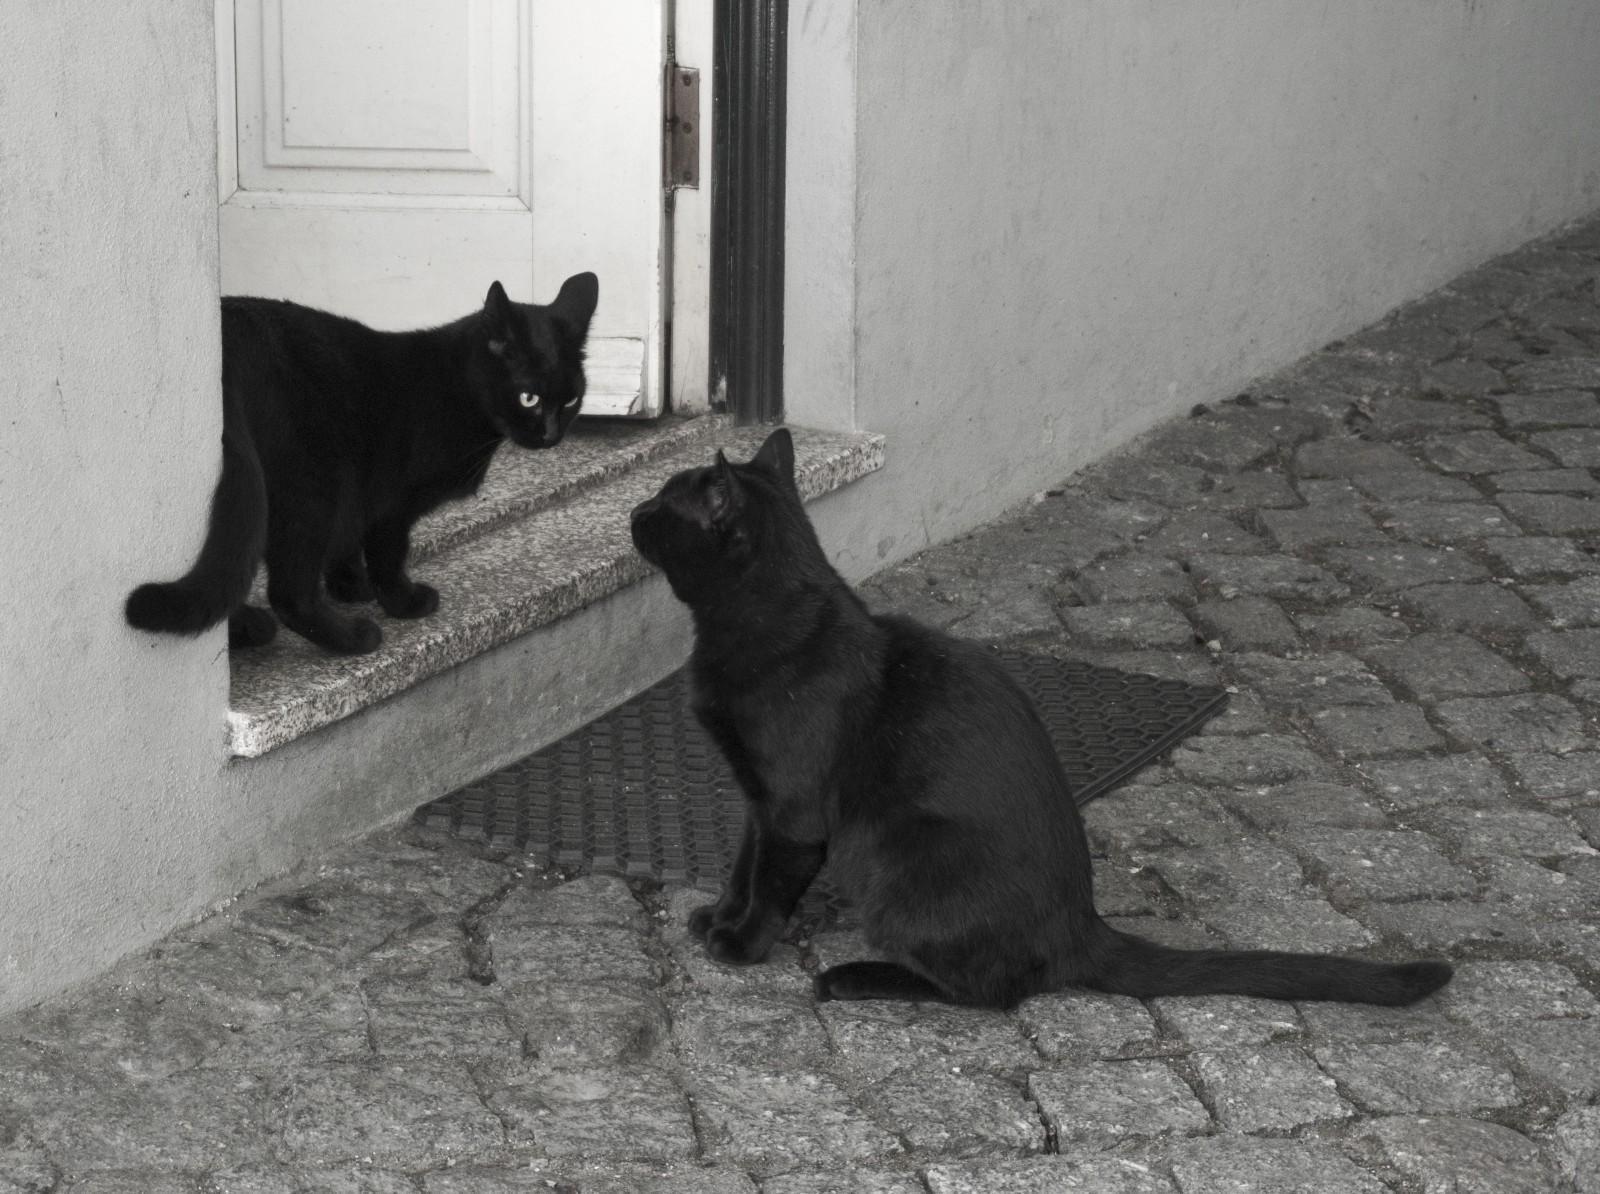 Mijn kat heeft ruzie met een kat van de buren. Hoe kan ik de situatie helpen kalmeren?